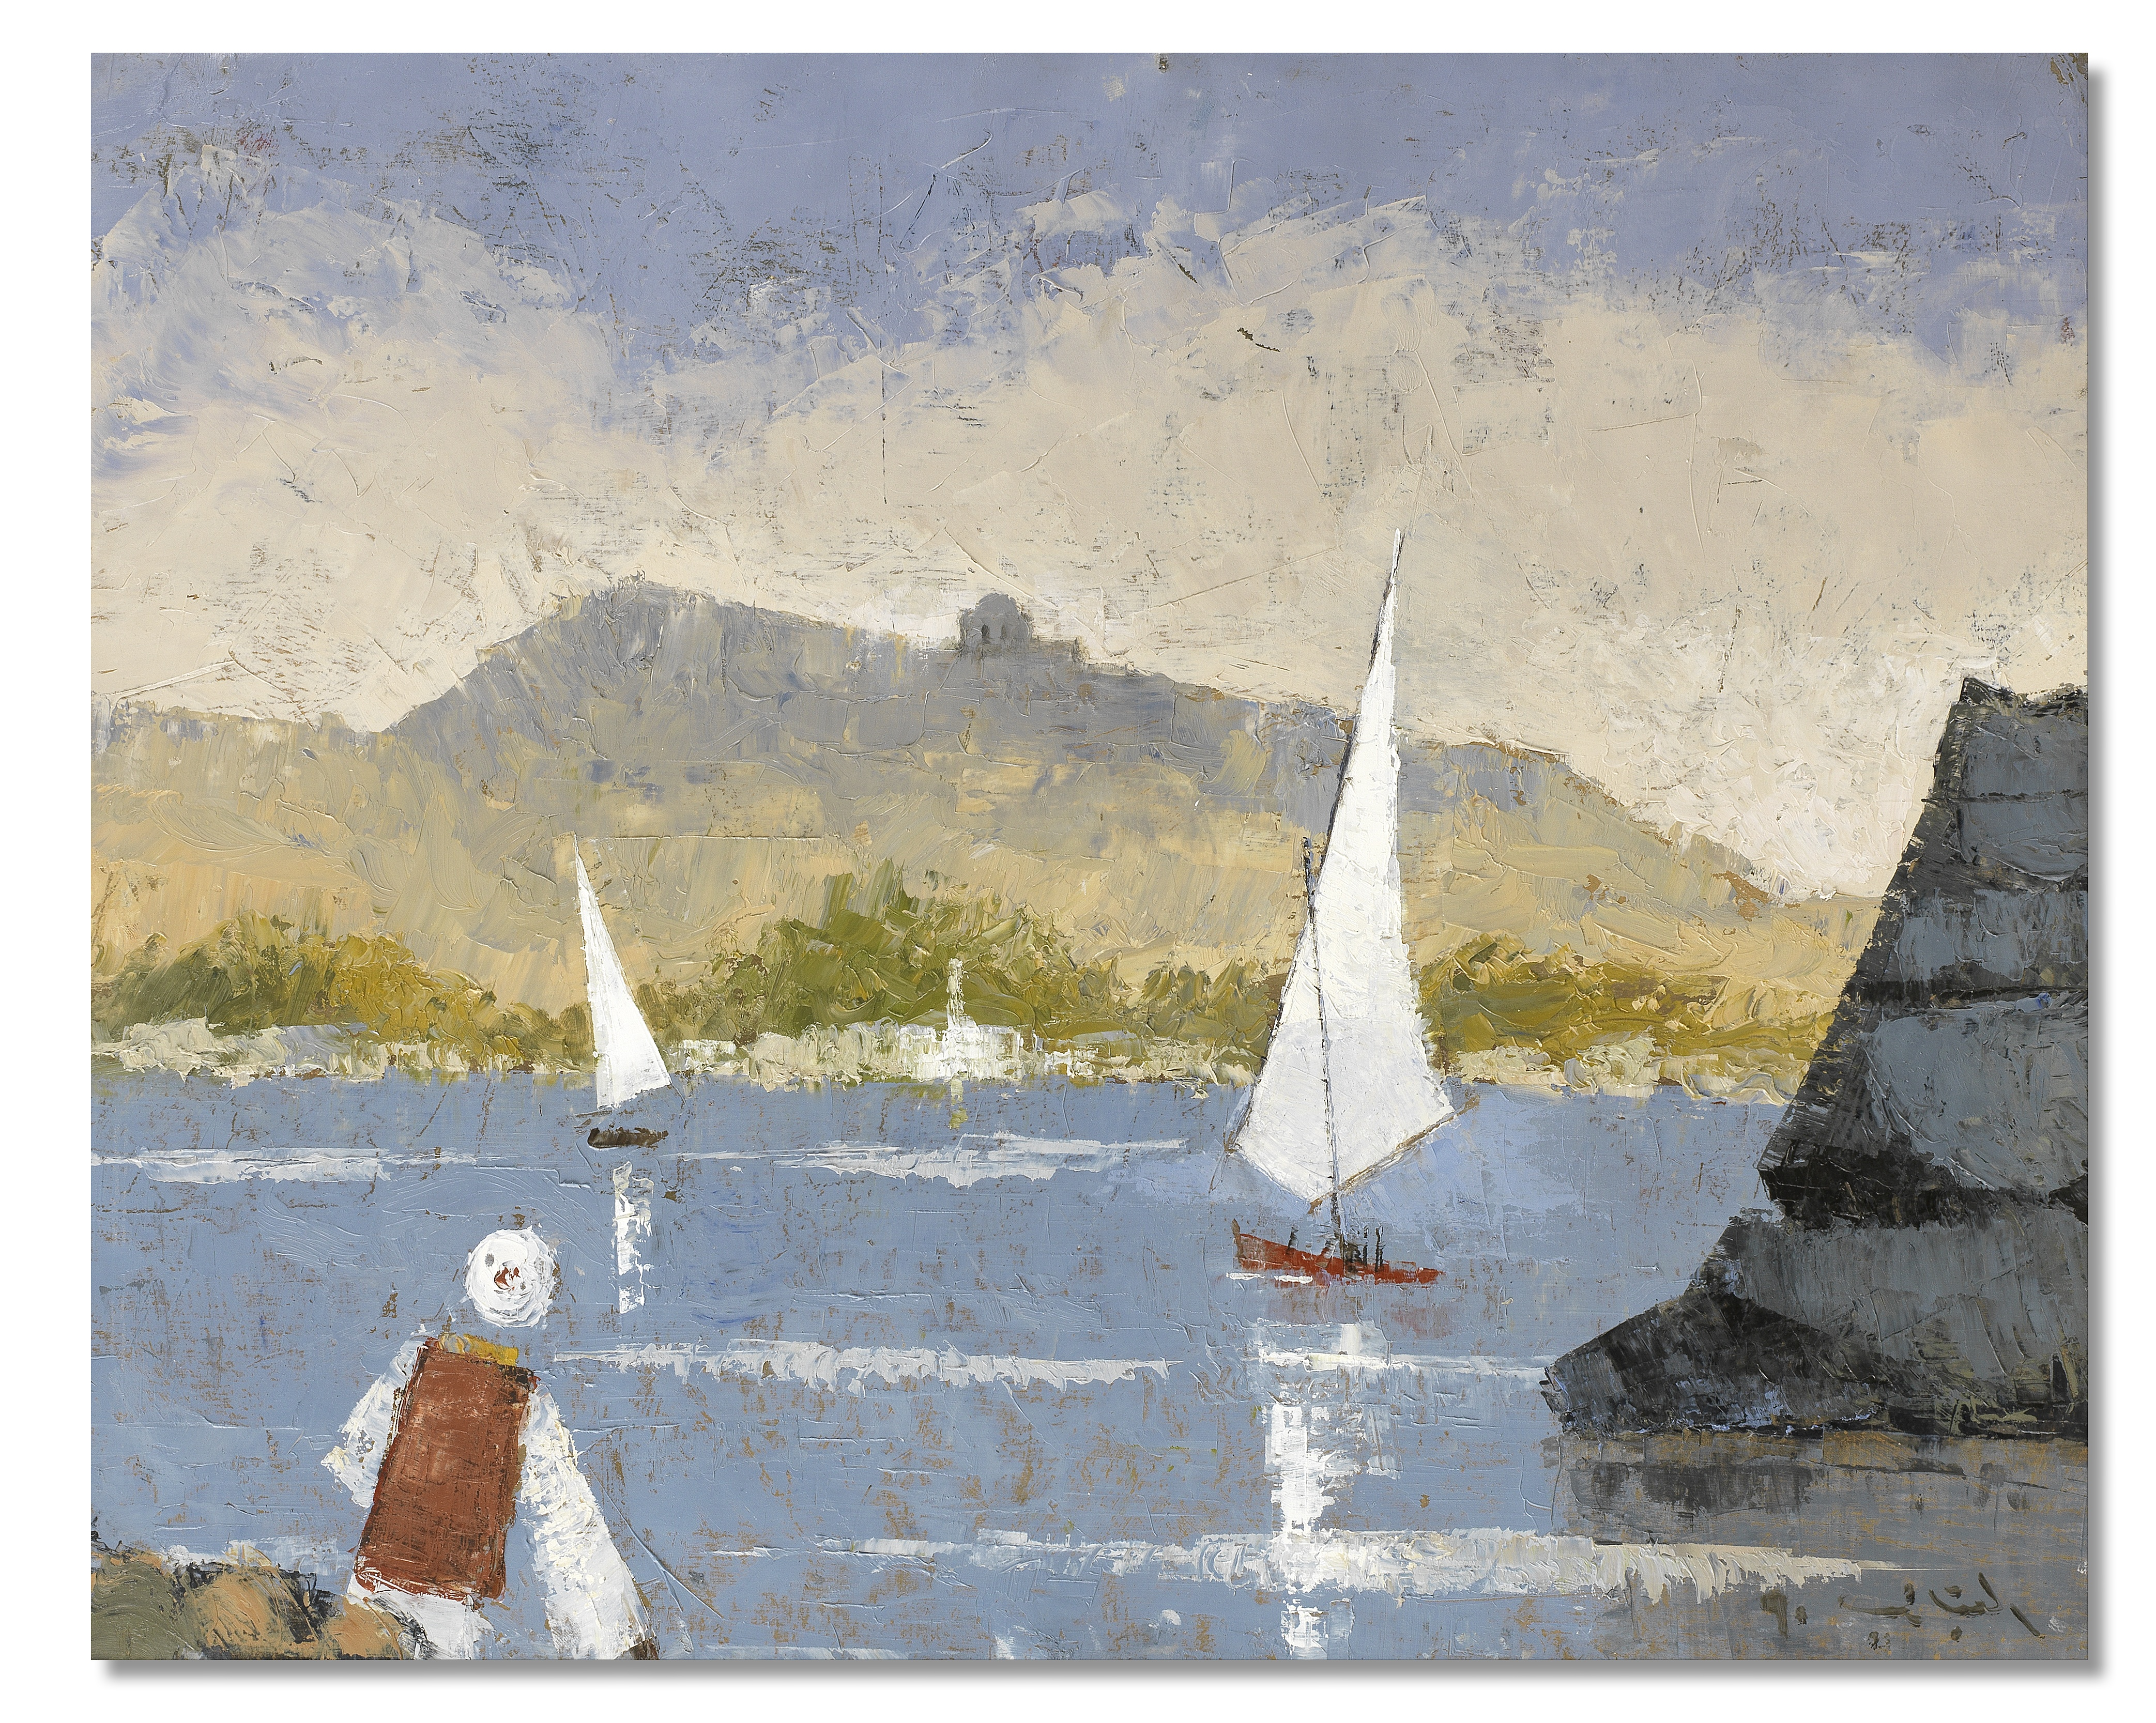 Mohamed Kabbani (Egypt, 1926-1995) The Nile